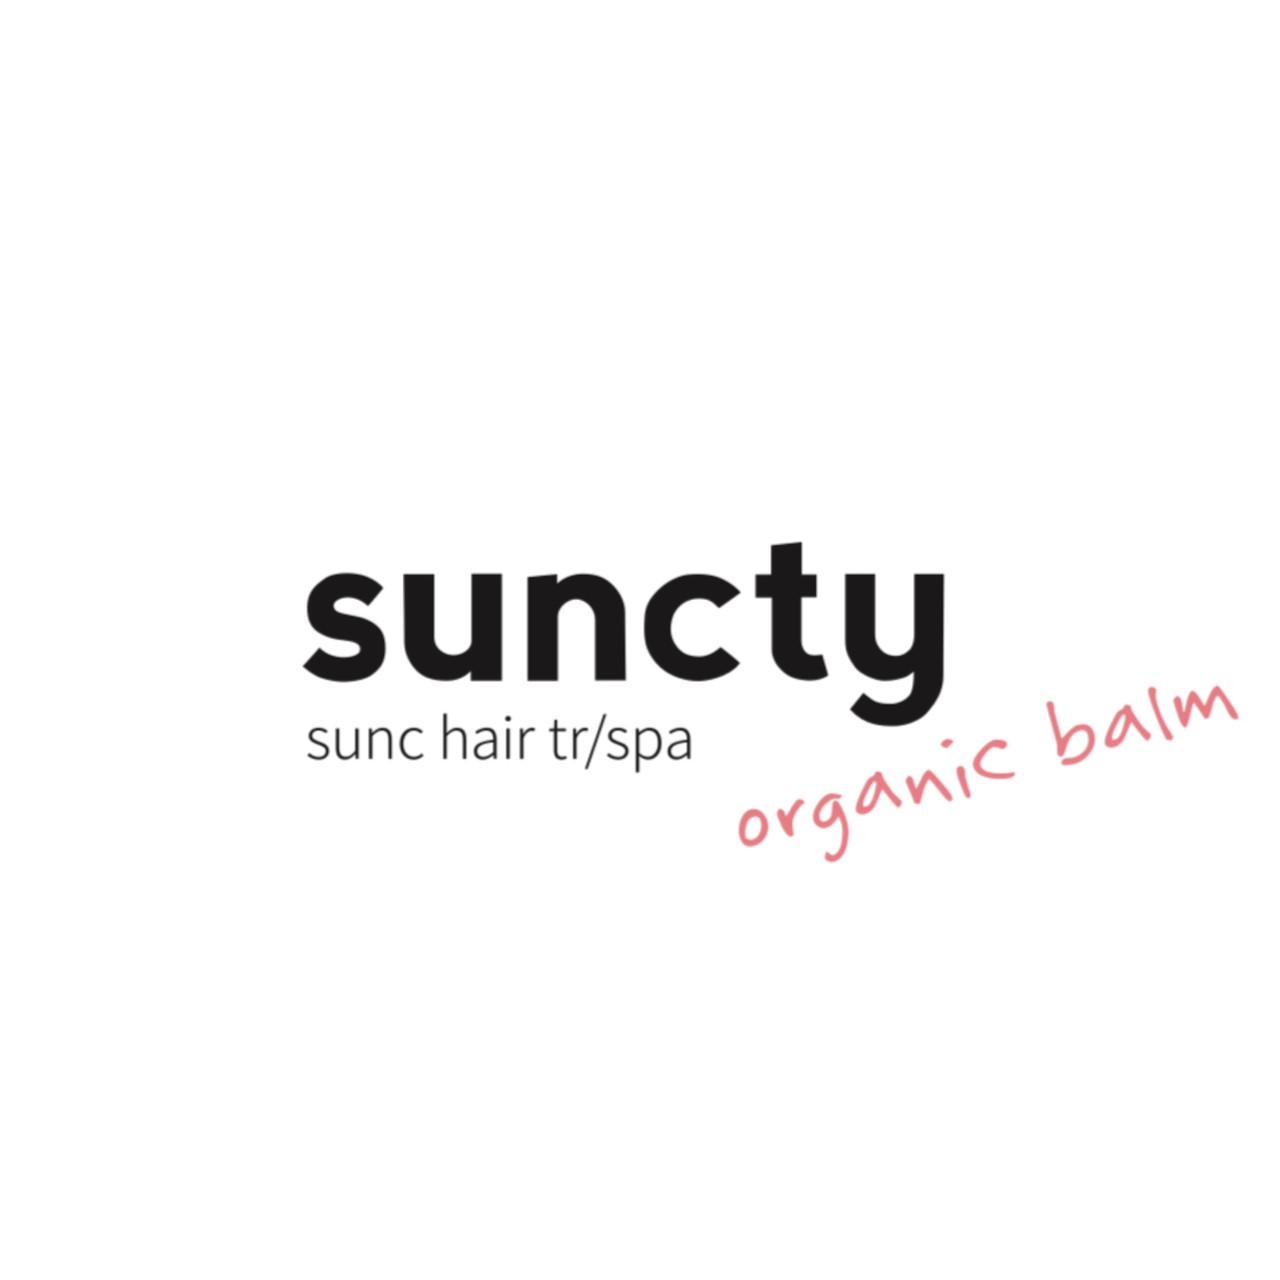 suncty_200111_0005.jpg